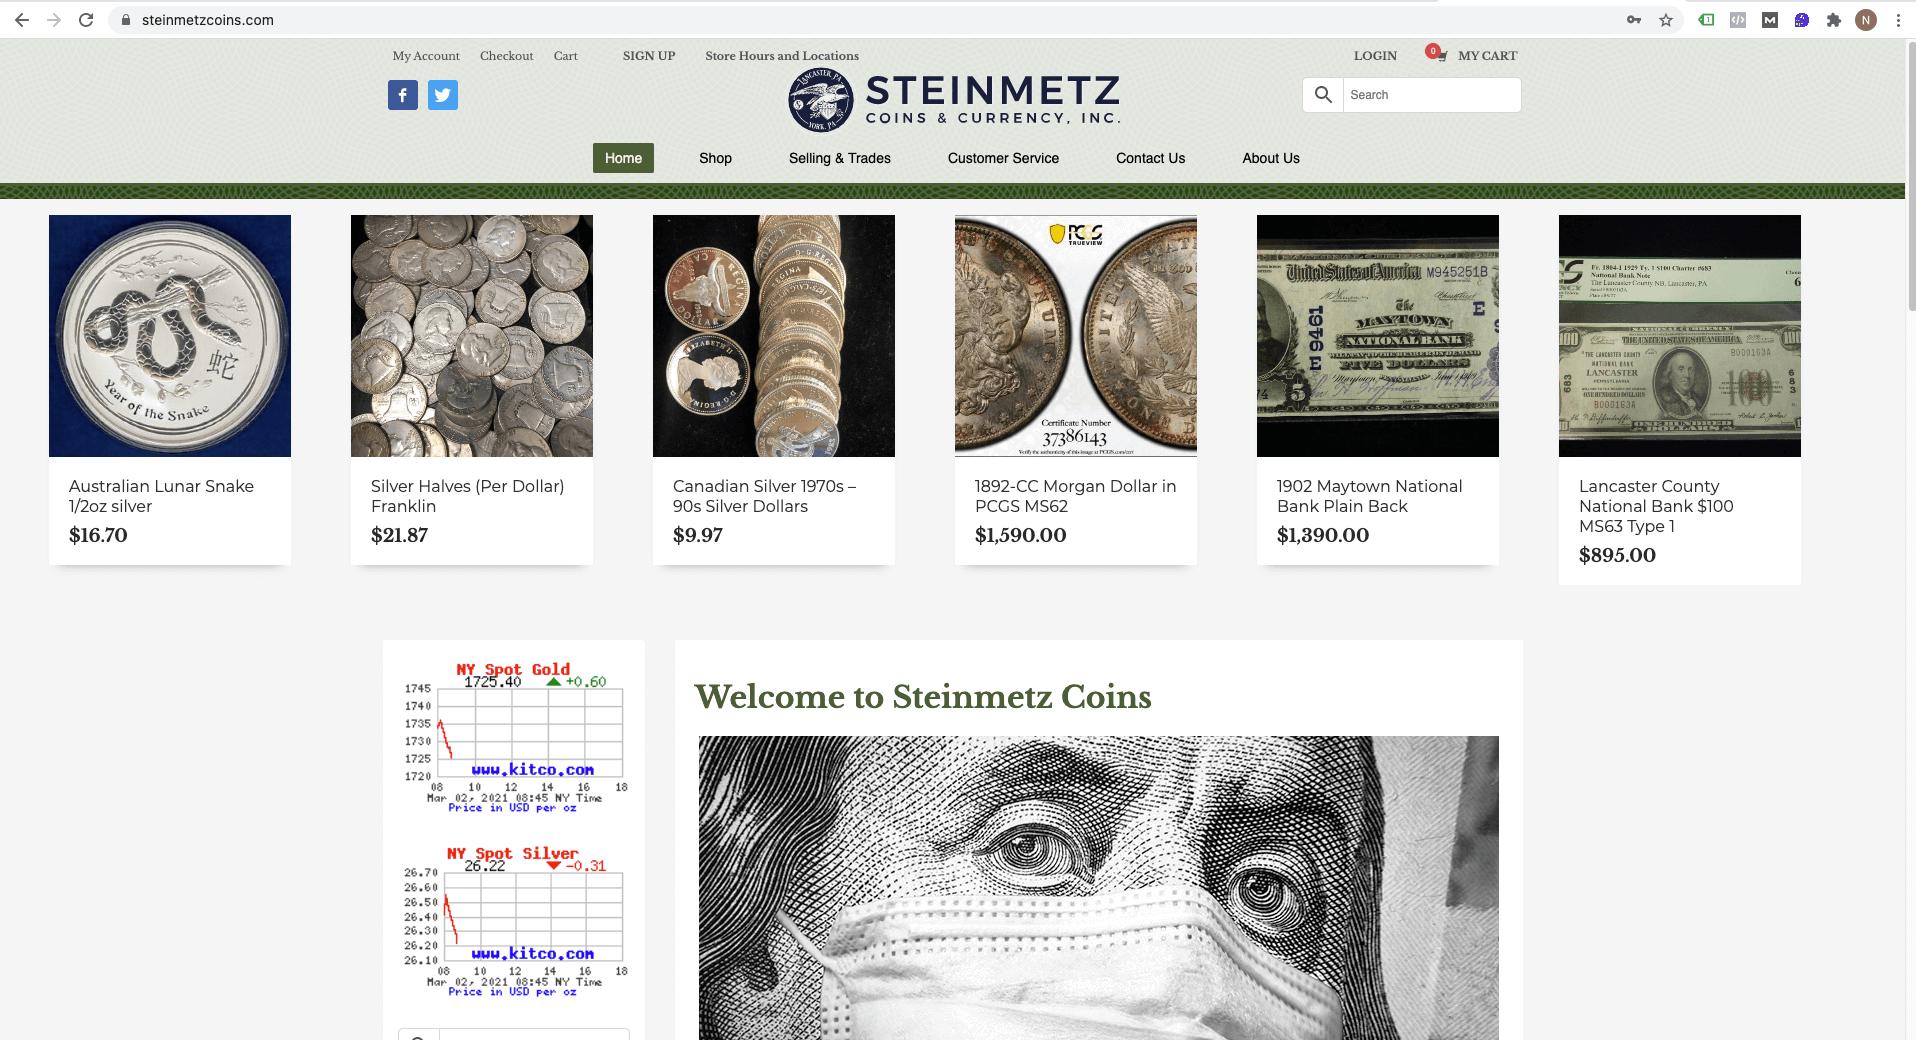 steinmetzcoins.com logo and site design